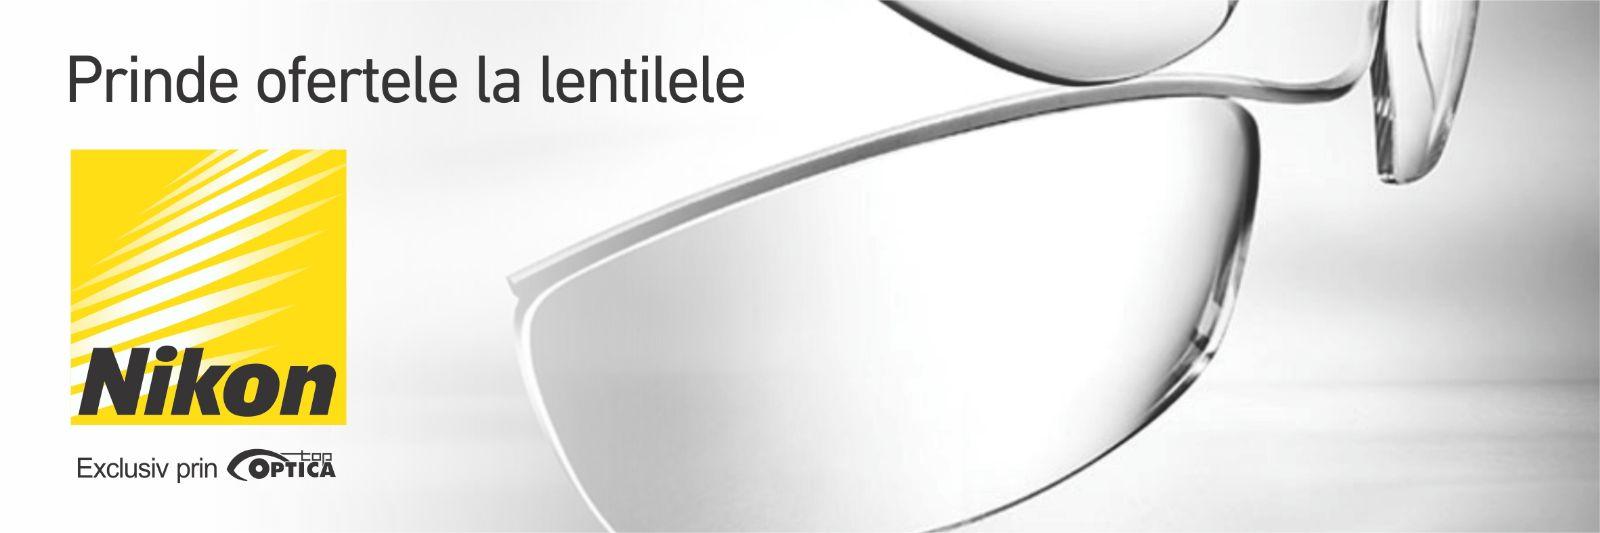 Oferte lentile Nikon exclusiv TopOptica.ro